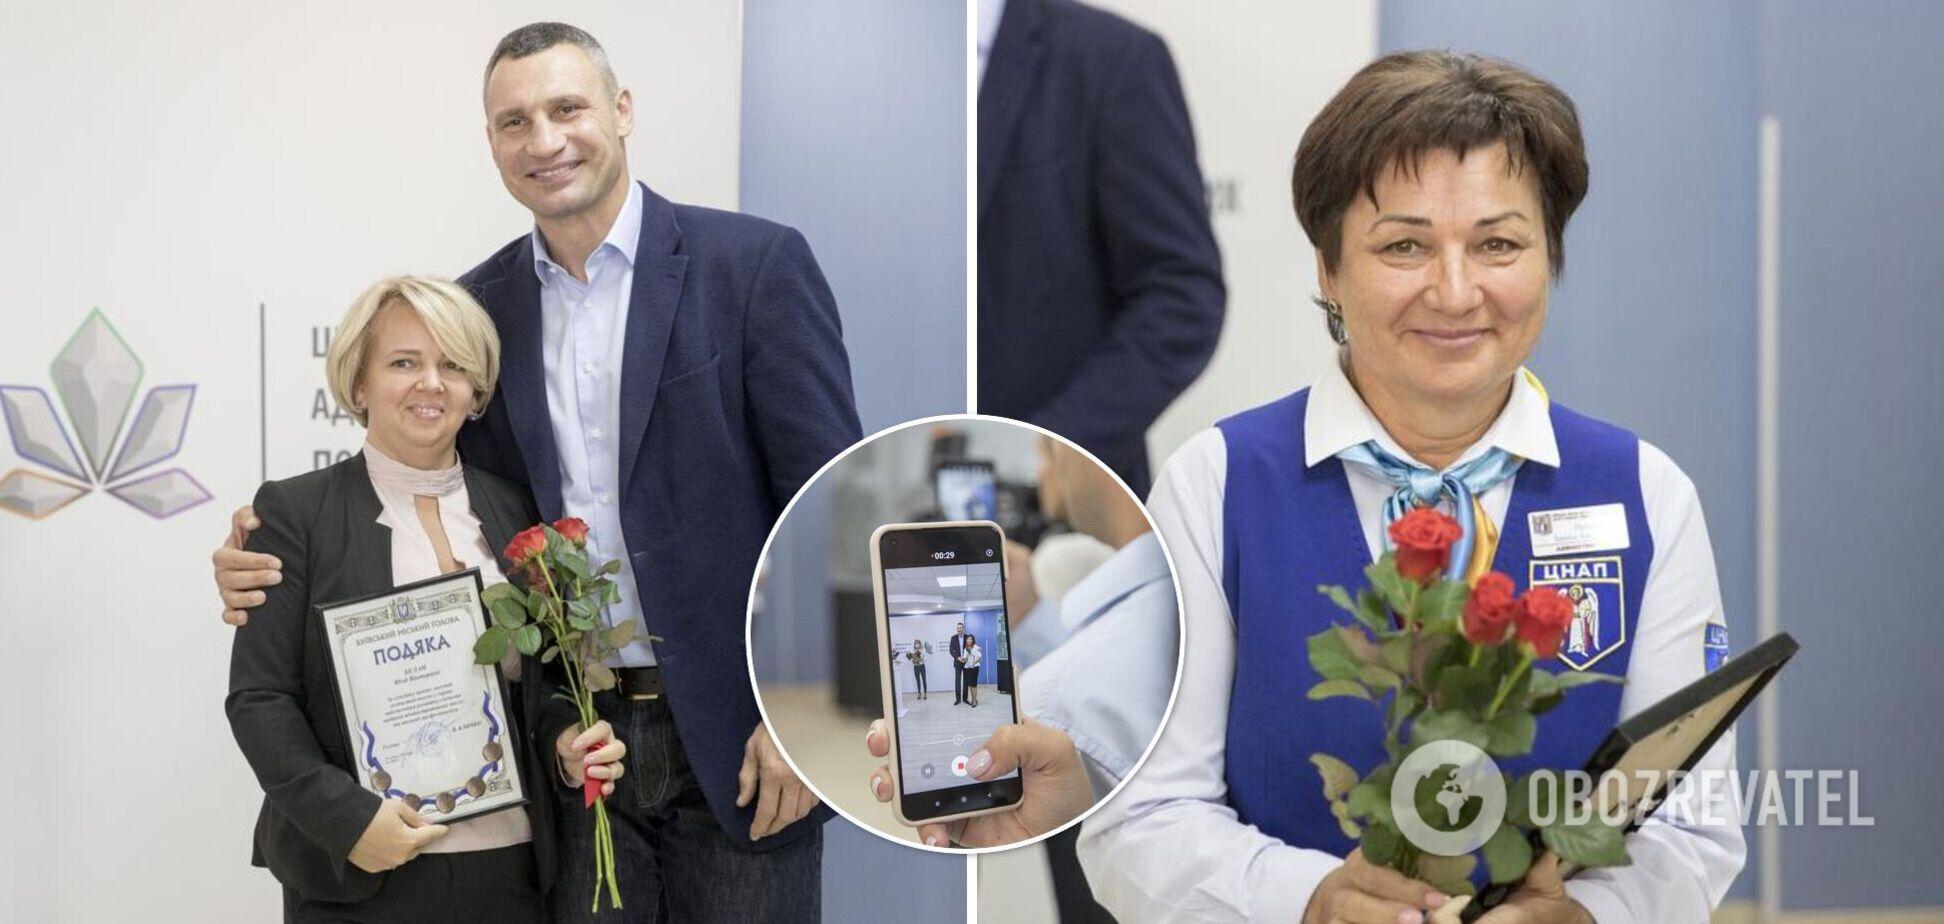 Кличко поздравил работников центрального ЦПАУ с Днем администратора. Фото